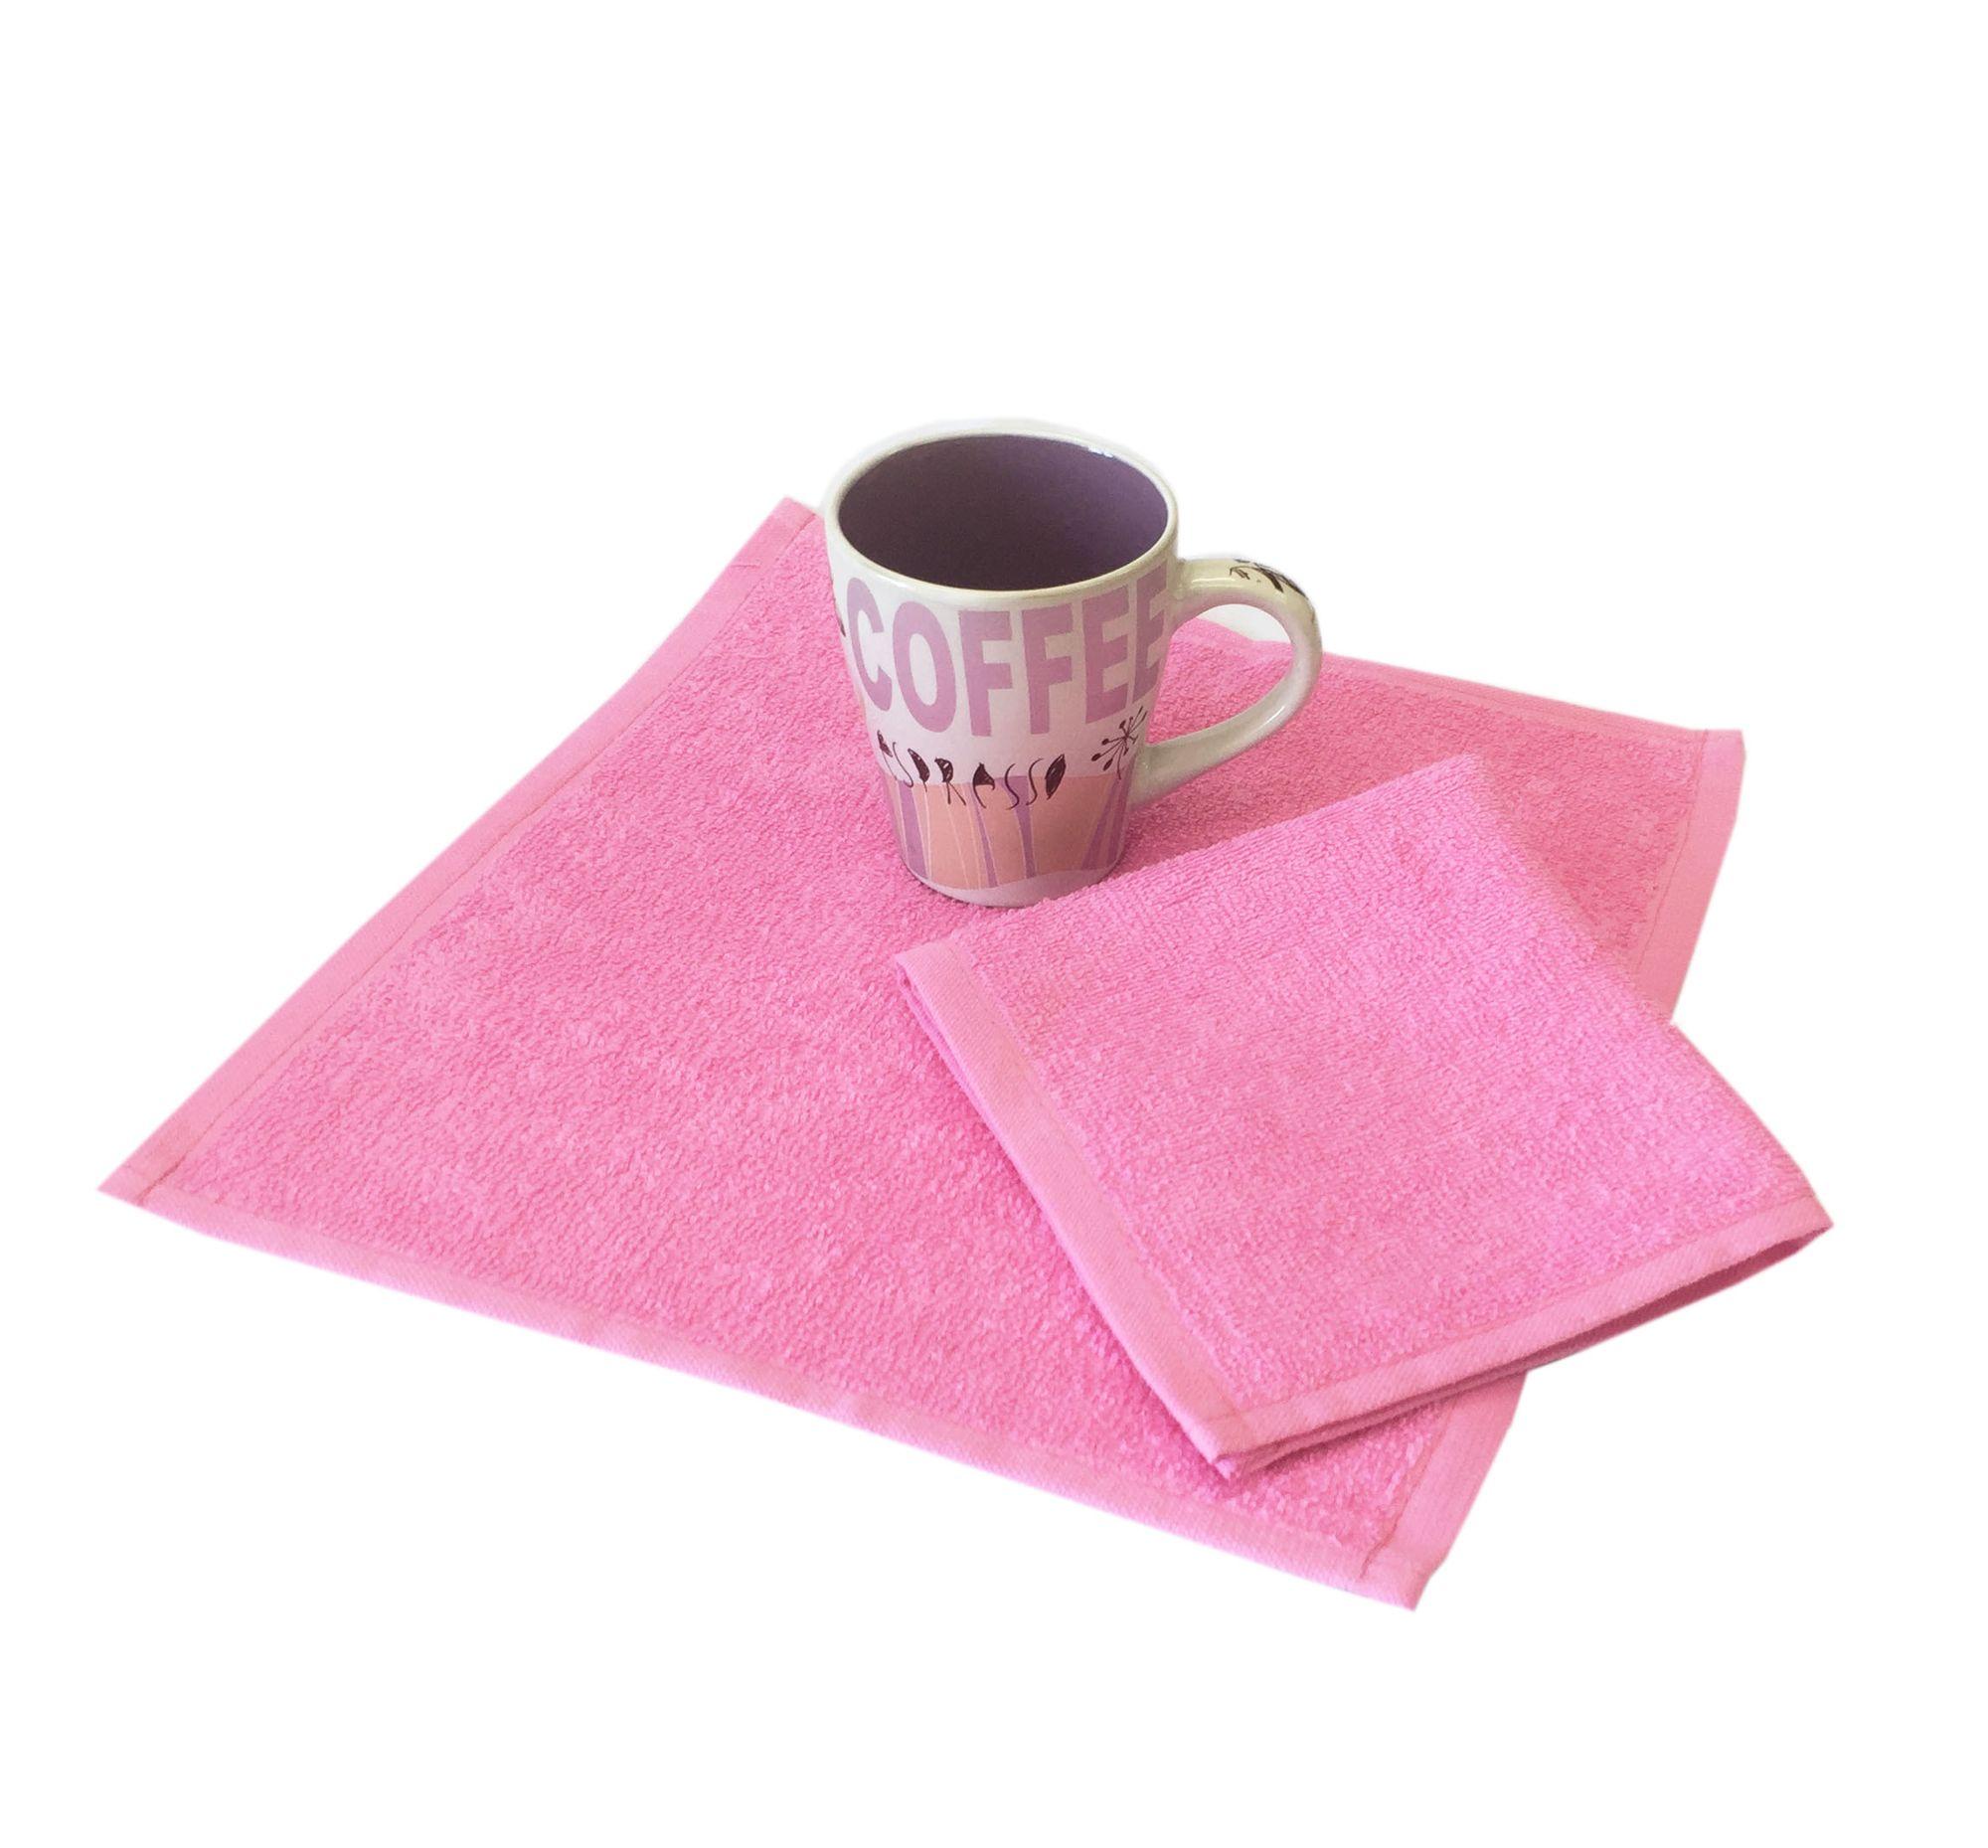 Салфетка махровая, 30*30см, 380 гр (Ярко-розовый)